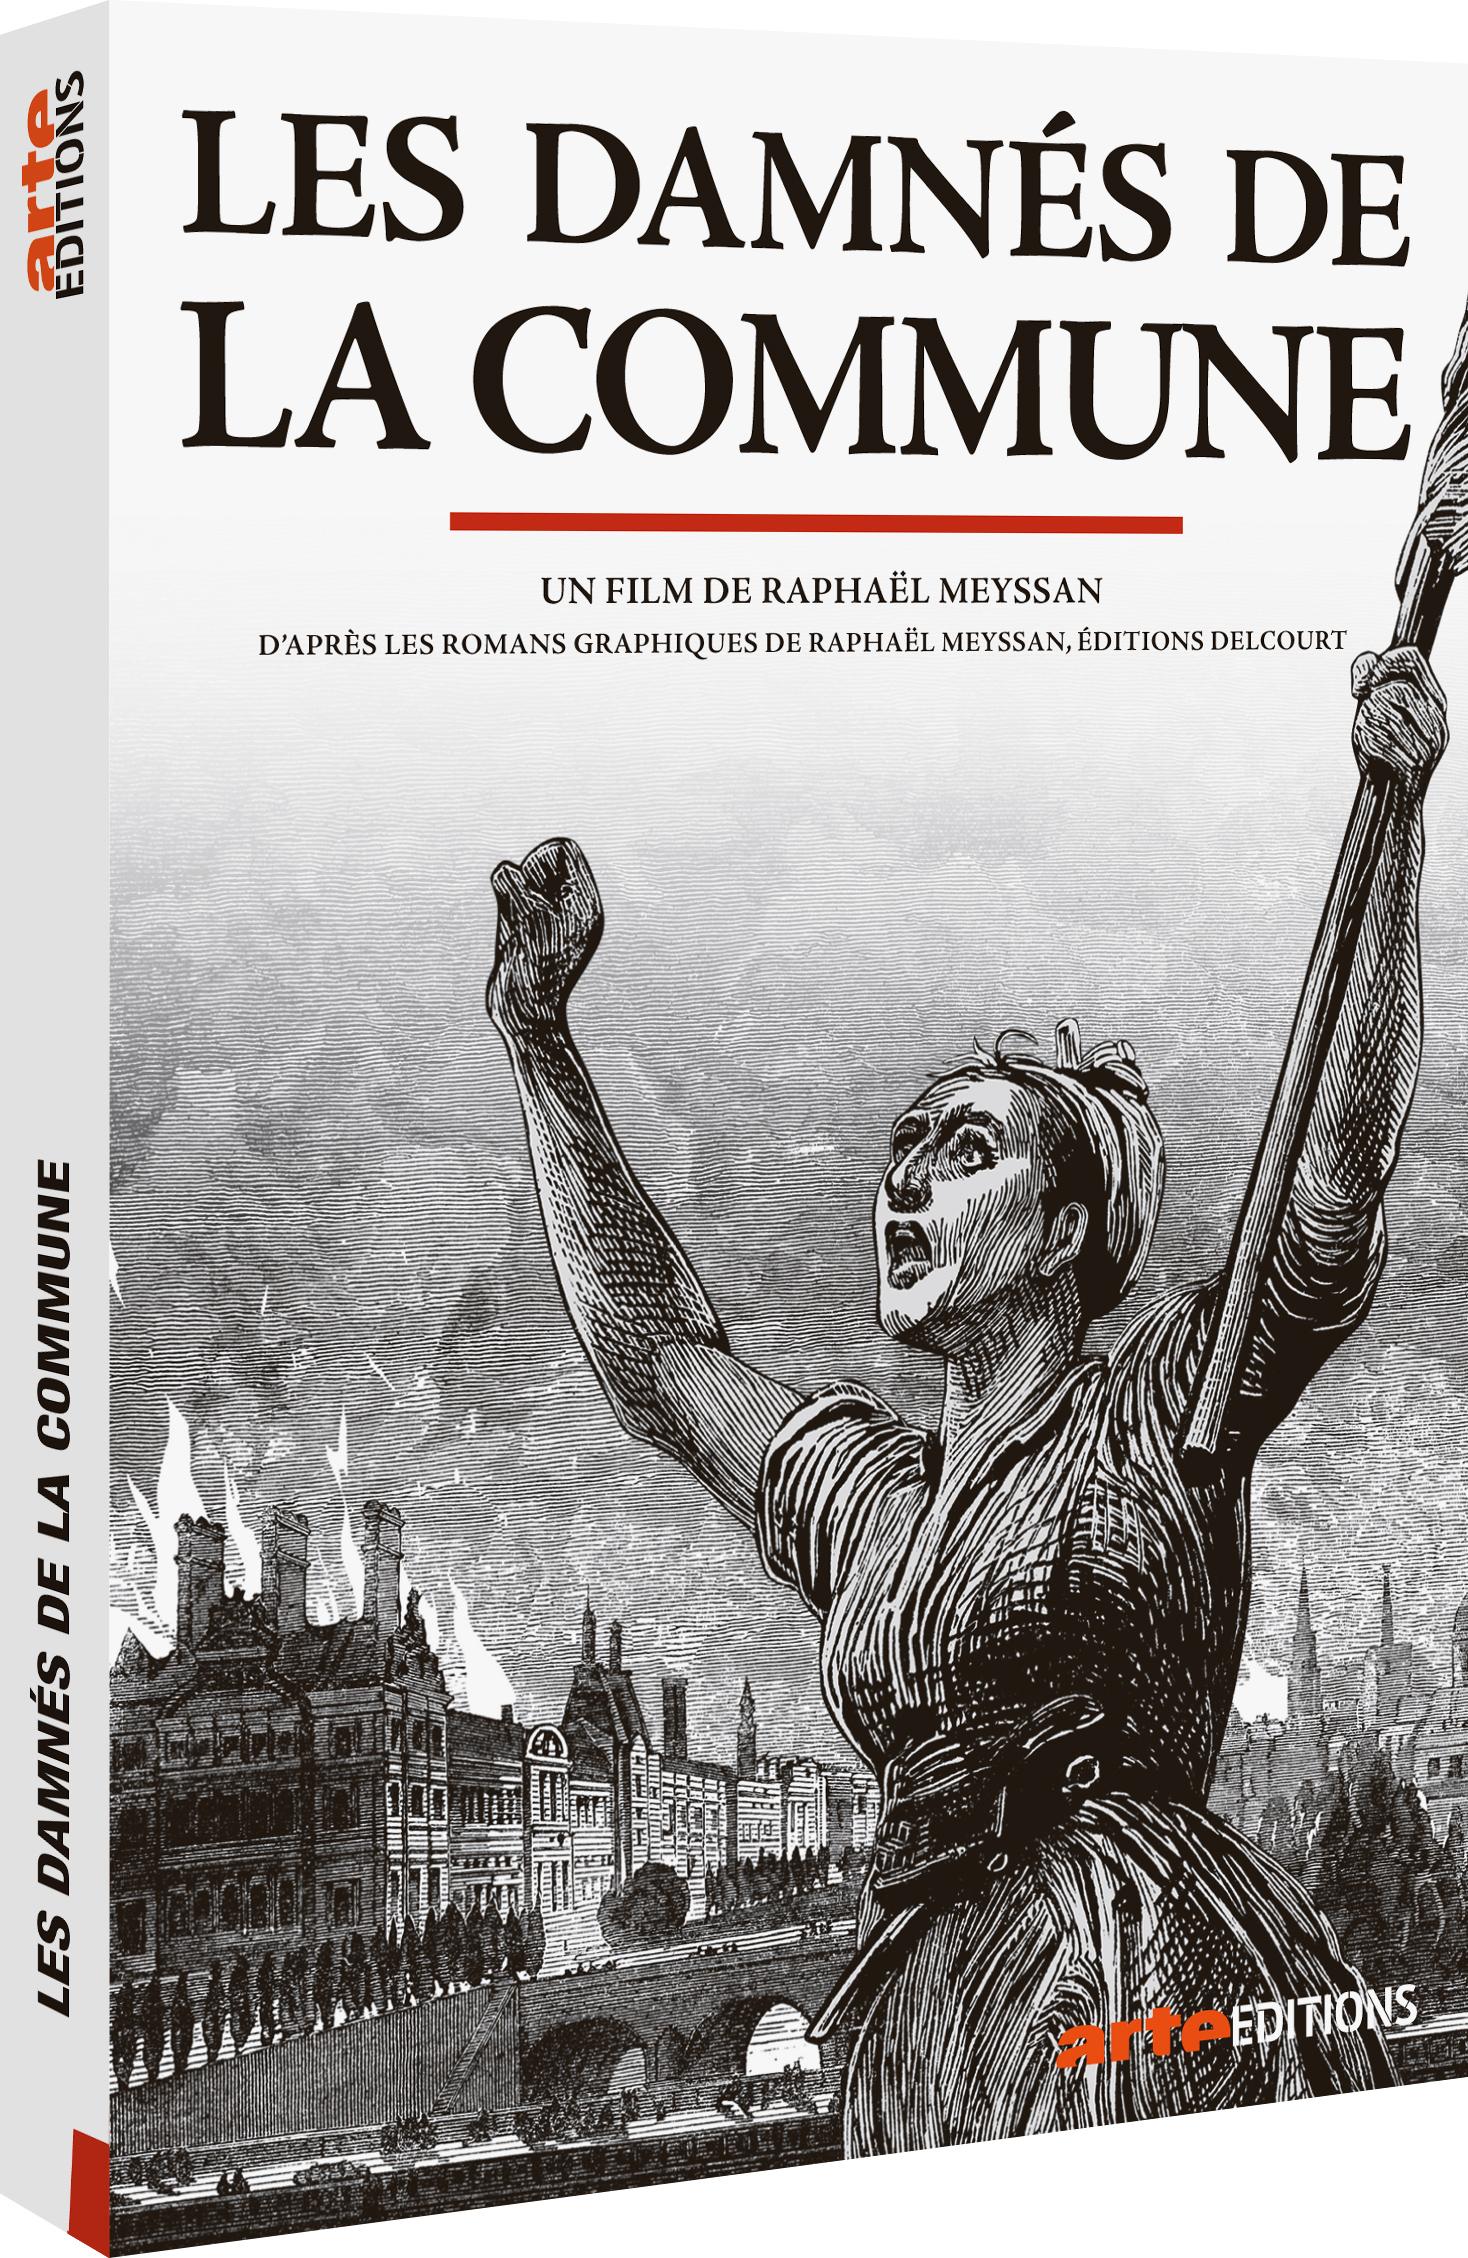 Damnés de la Commune (Les) : d'après le roman graphique de Raphaël Meyssian  